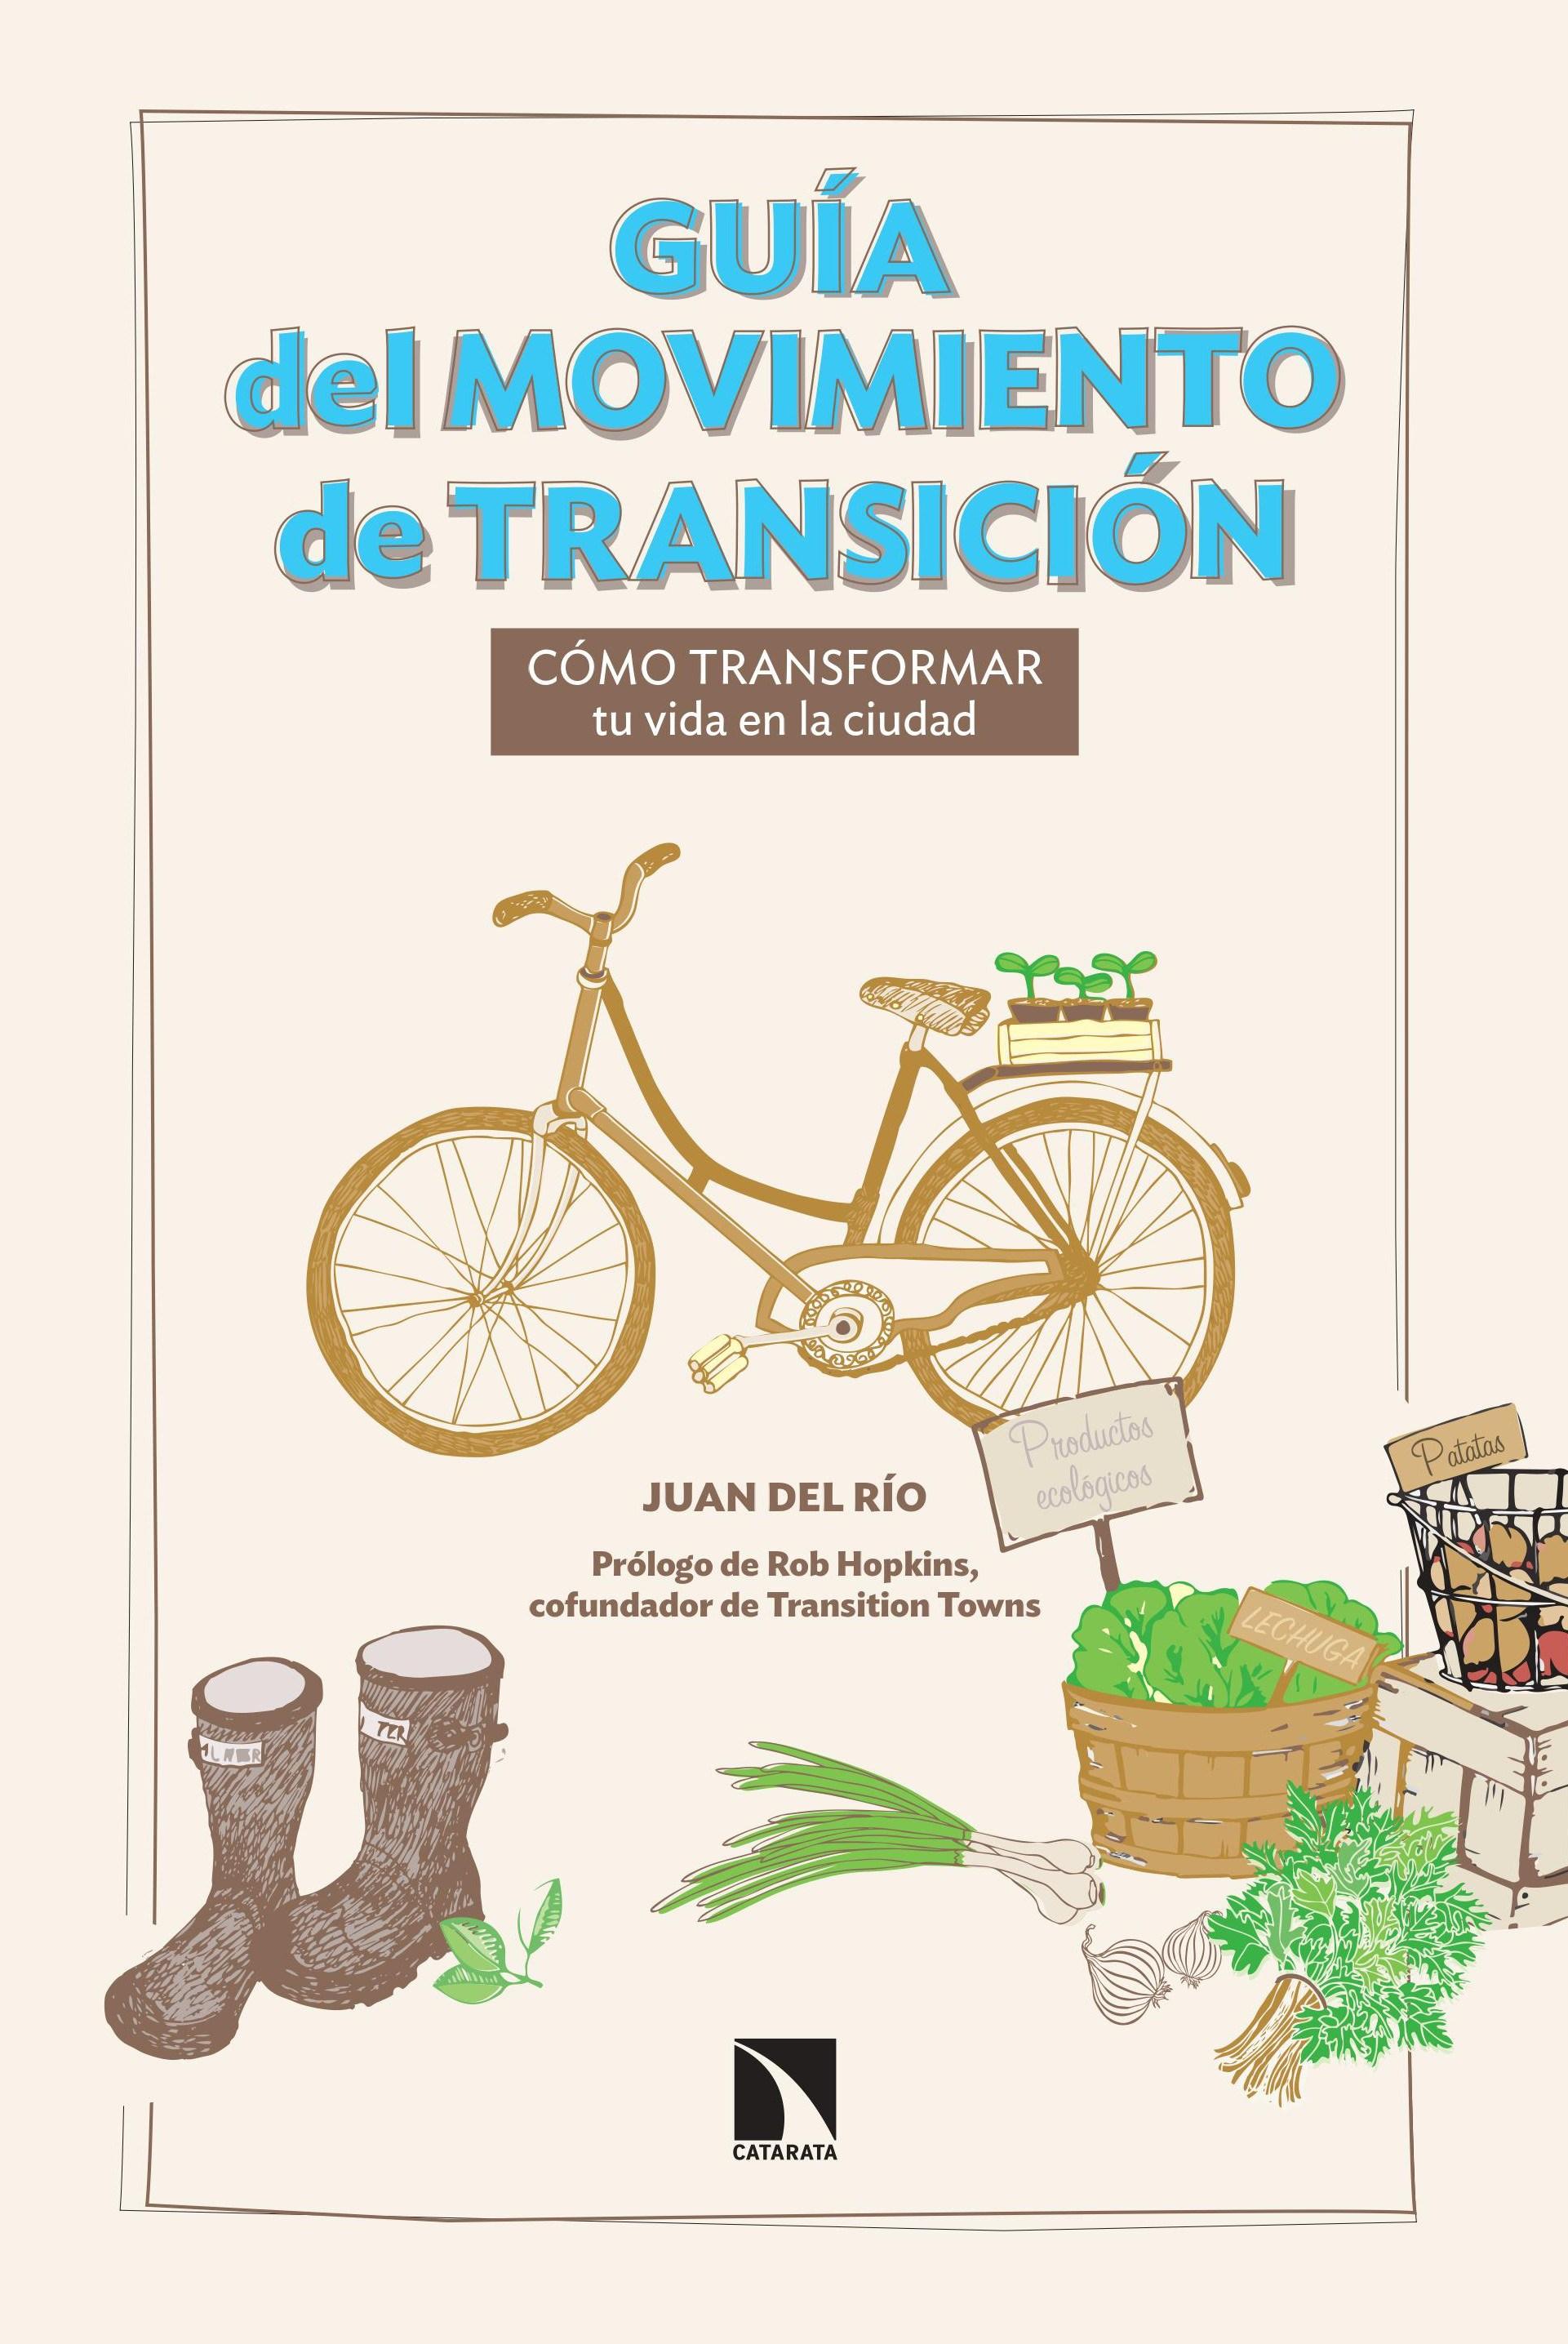 Portada de la Guía del Movimiento de Transición